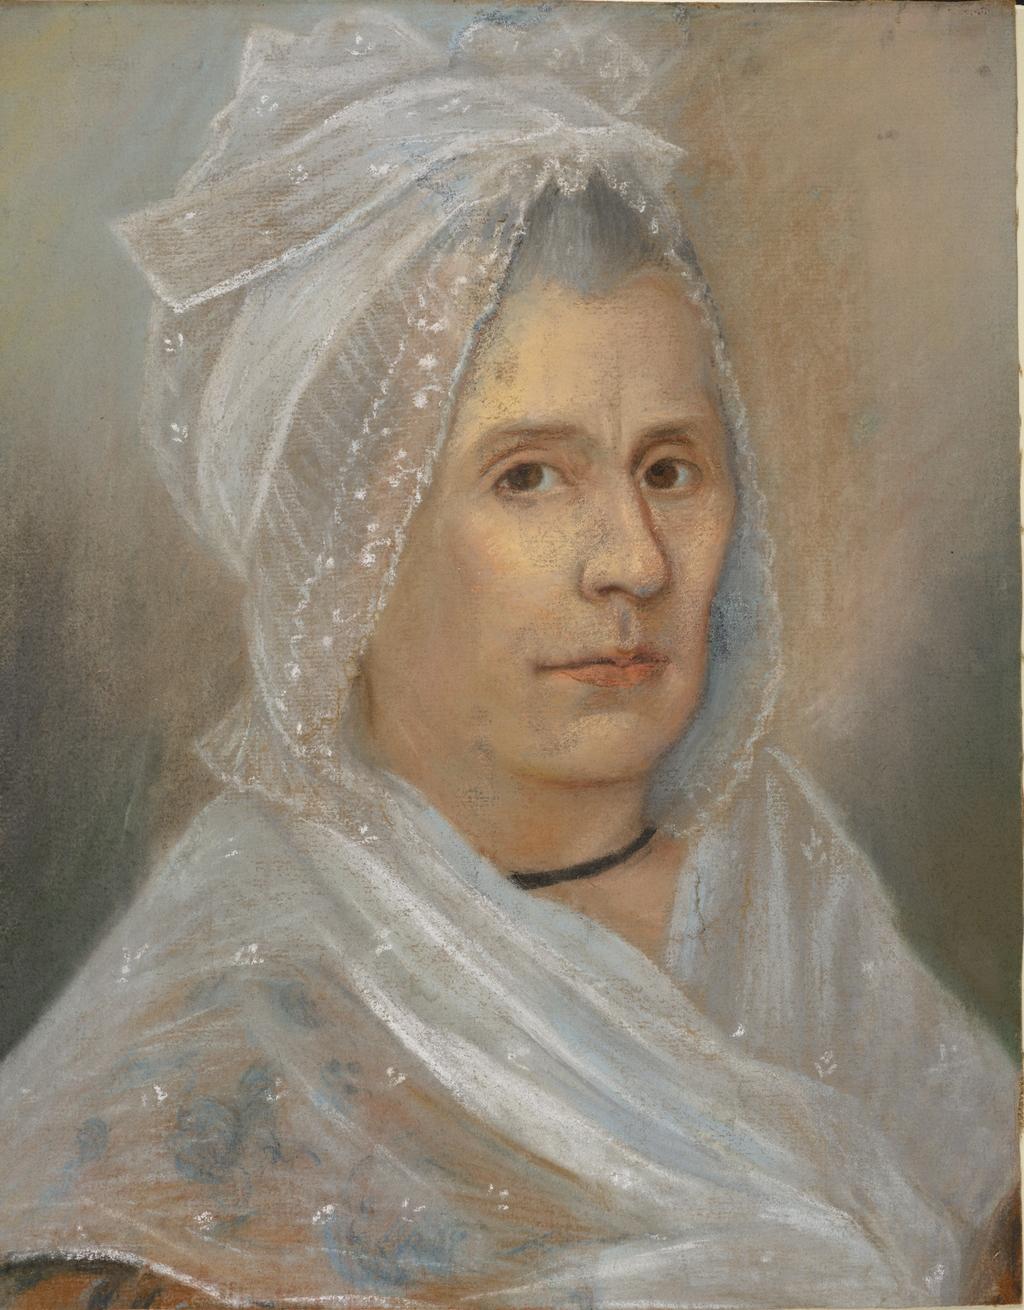 Madame François Noiseux, née Anne Guilbault